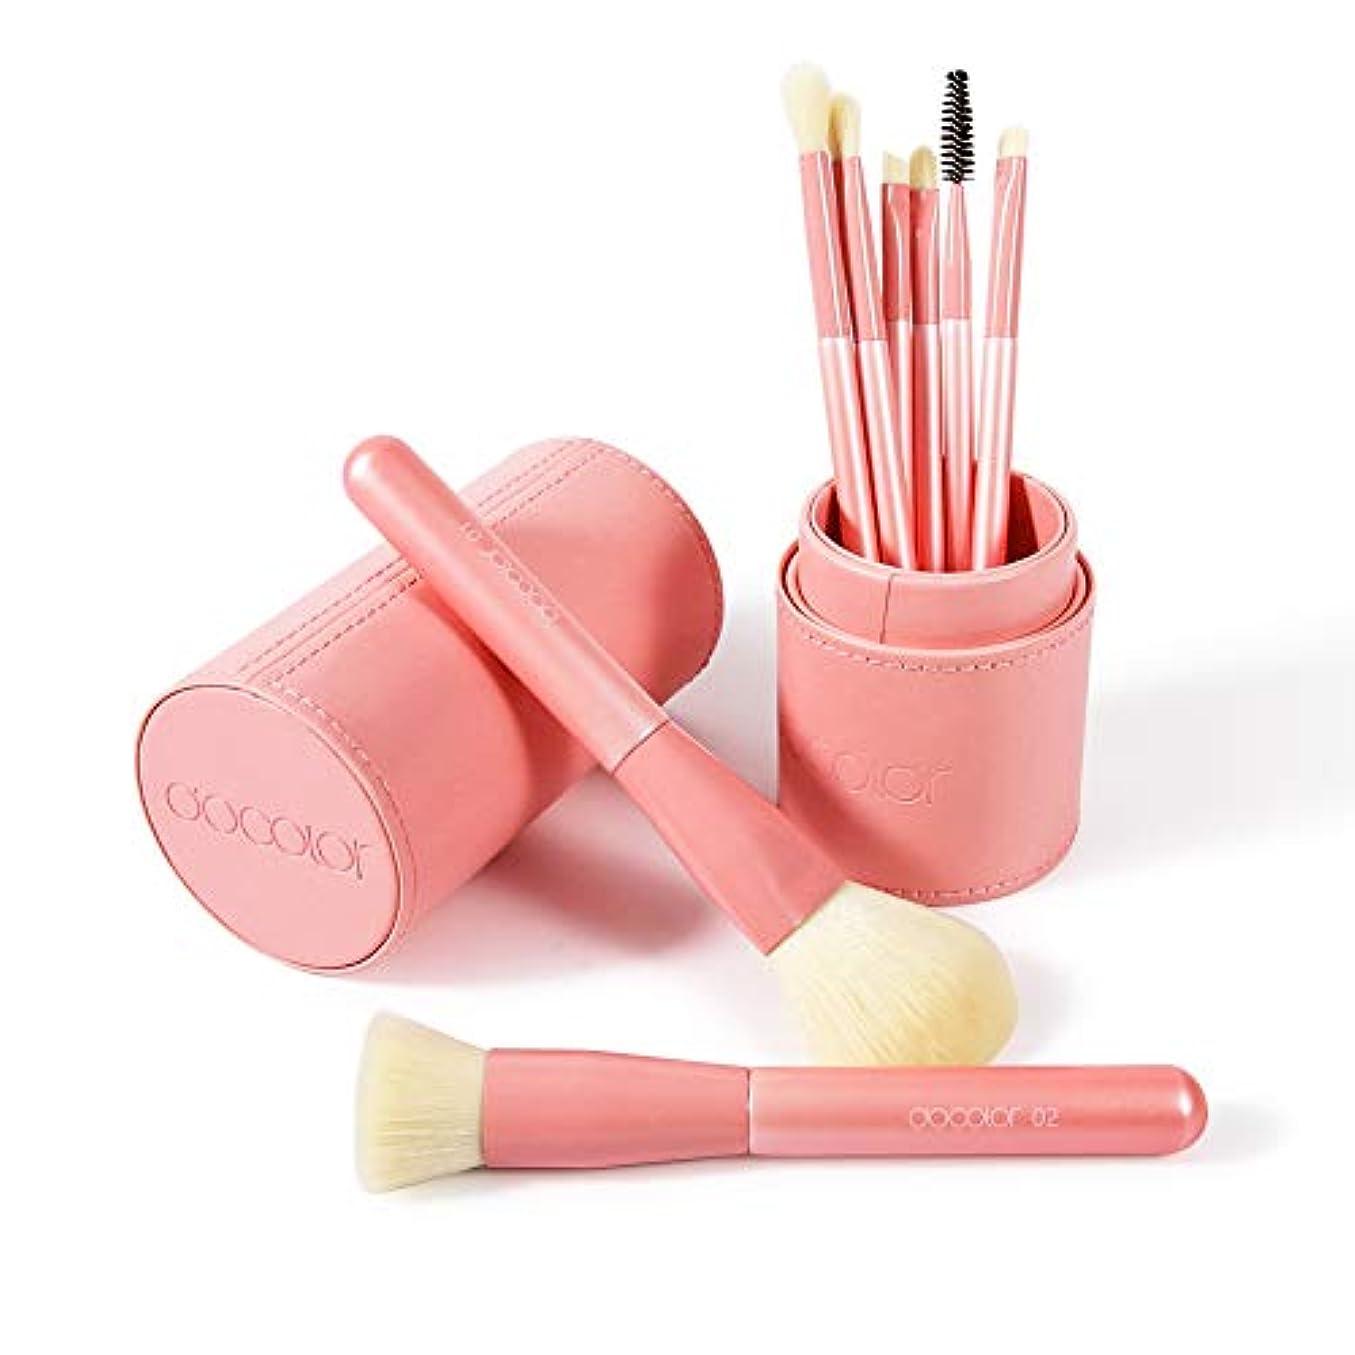 脱臼するバンジョー州Docolor ドゥカラー 化粧筆 メイクブラシ8本セット ホルダーケース付き  ピンク